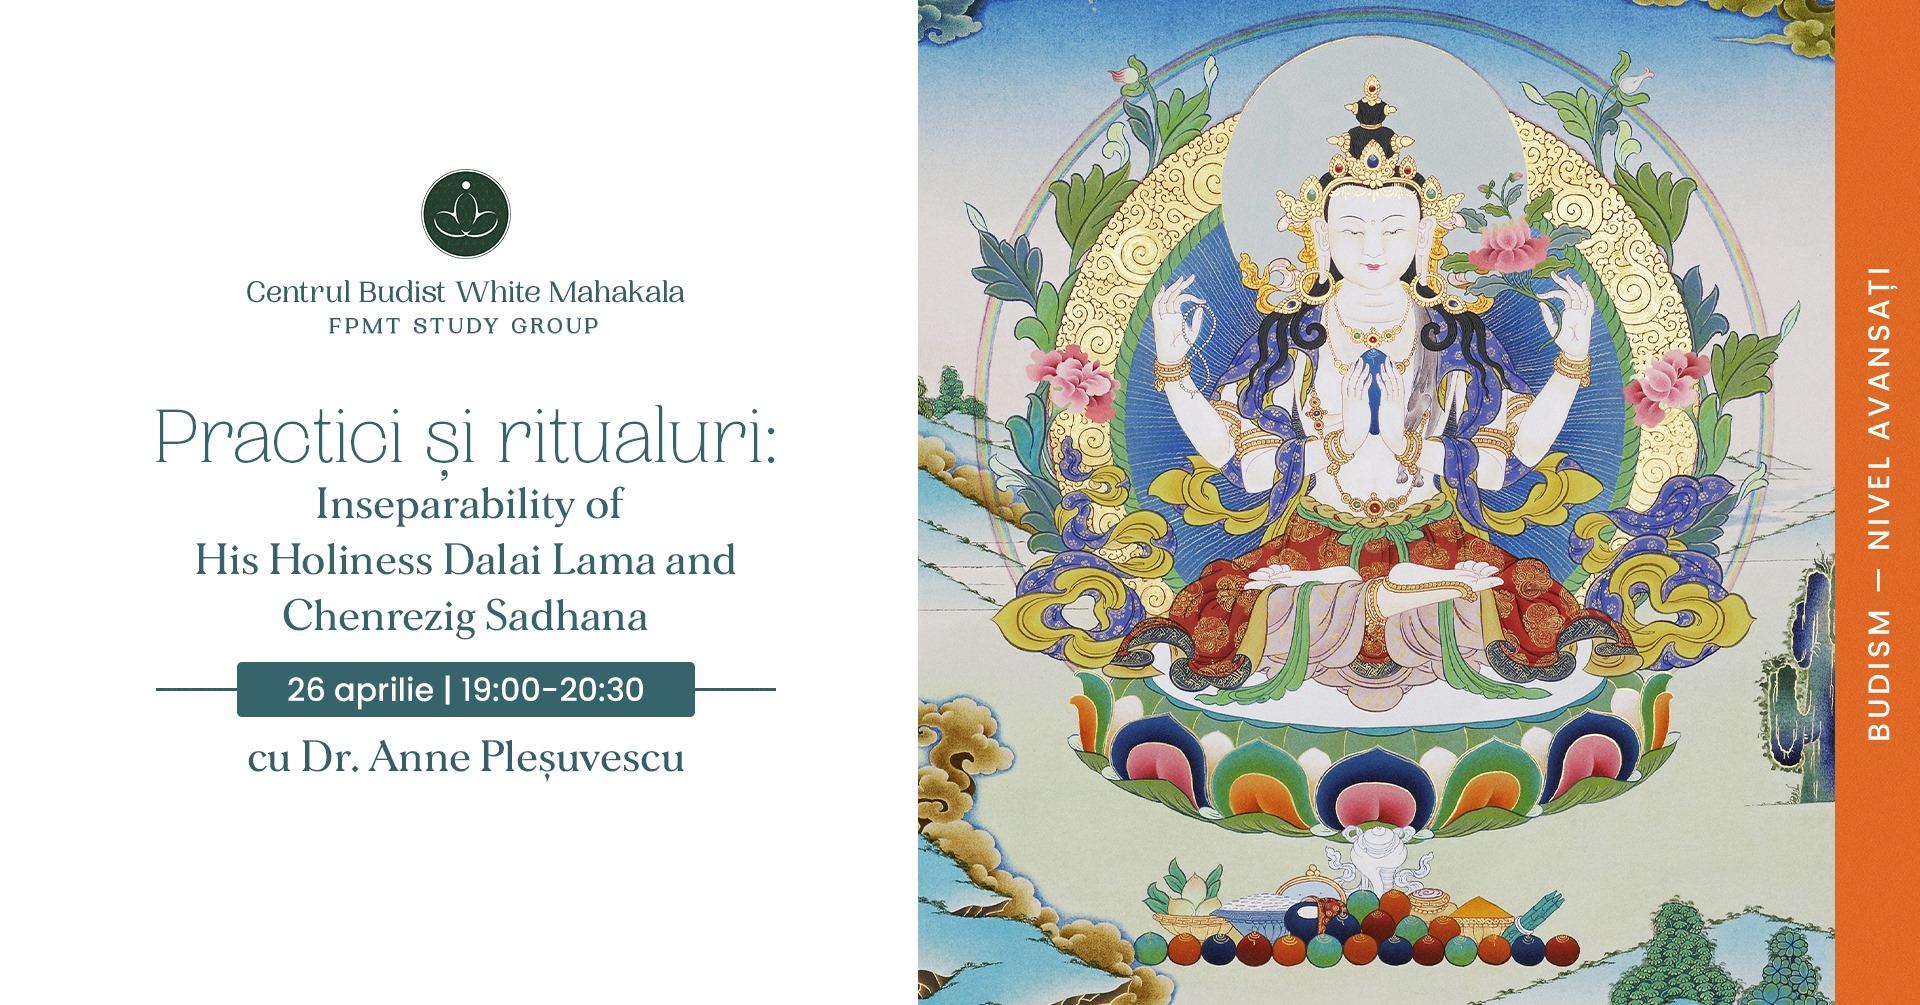 PRACTICI SI RITUALURI BUDISTE – Inseparability HHDL